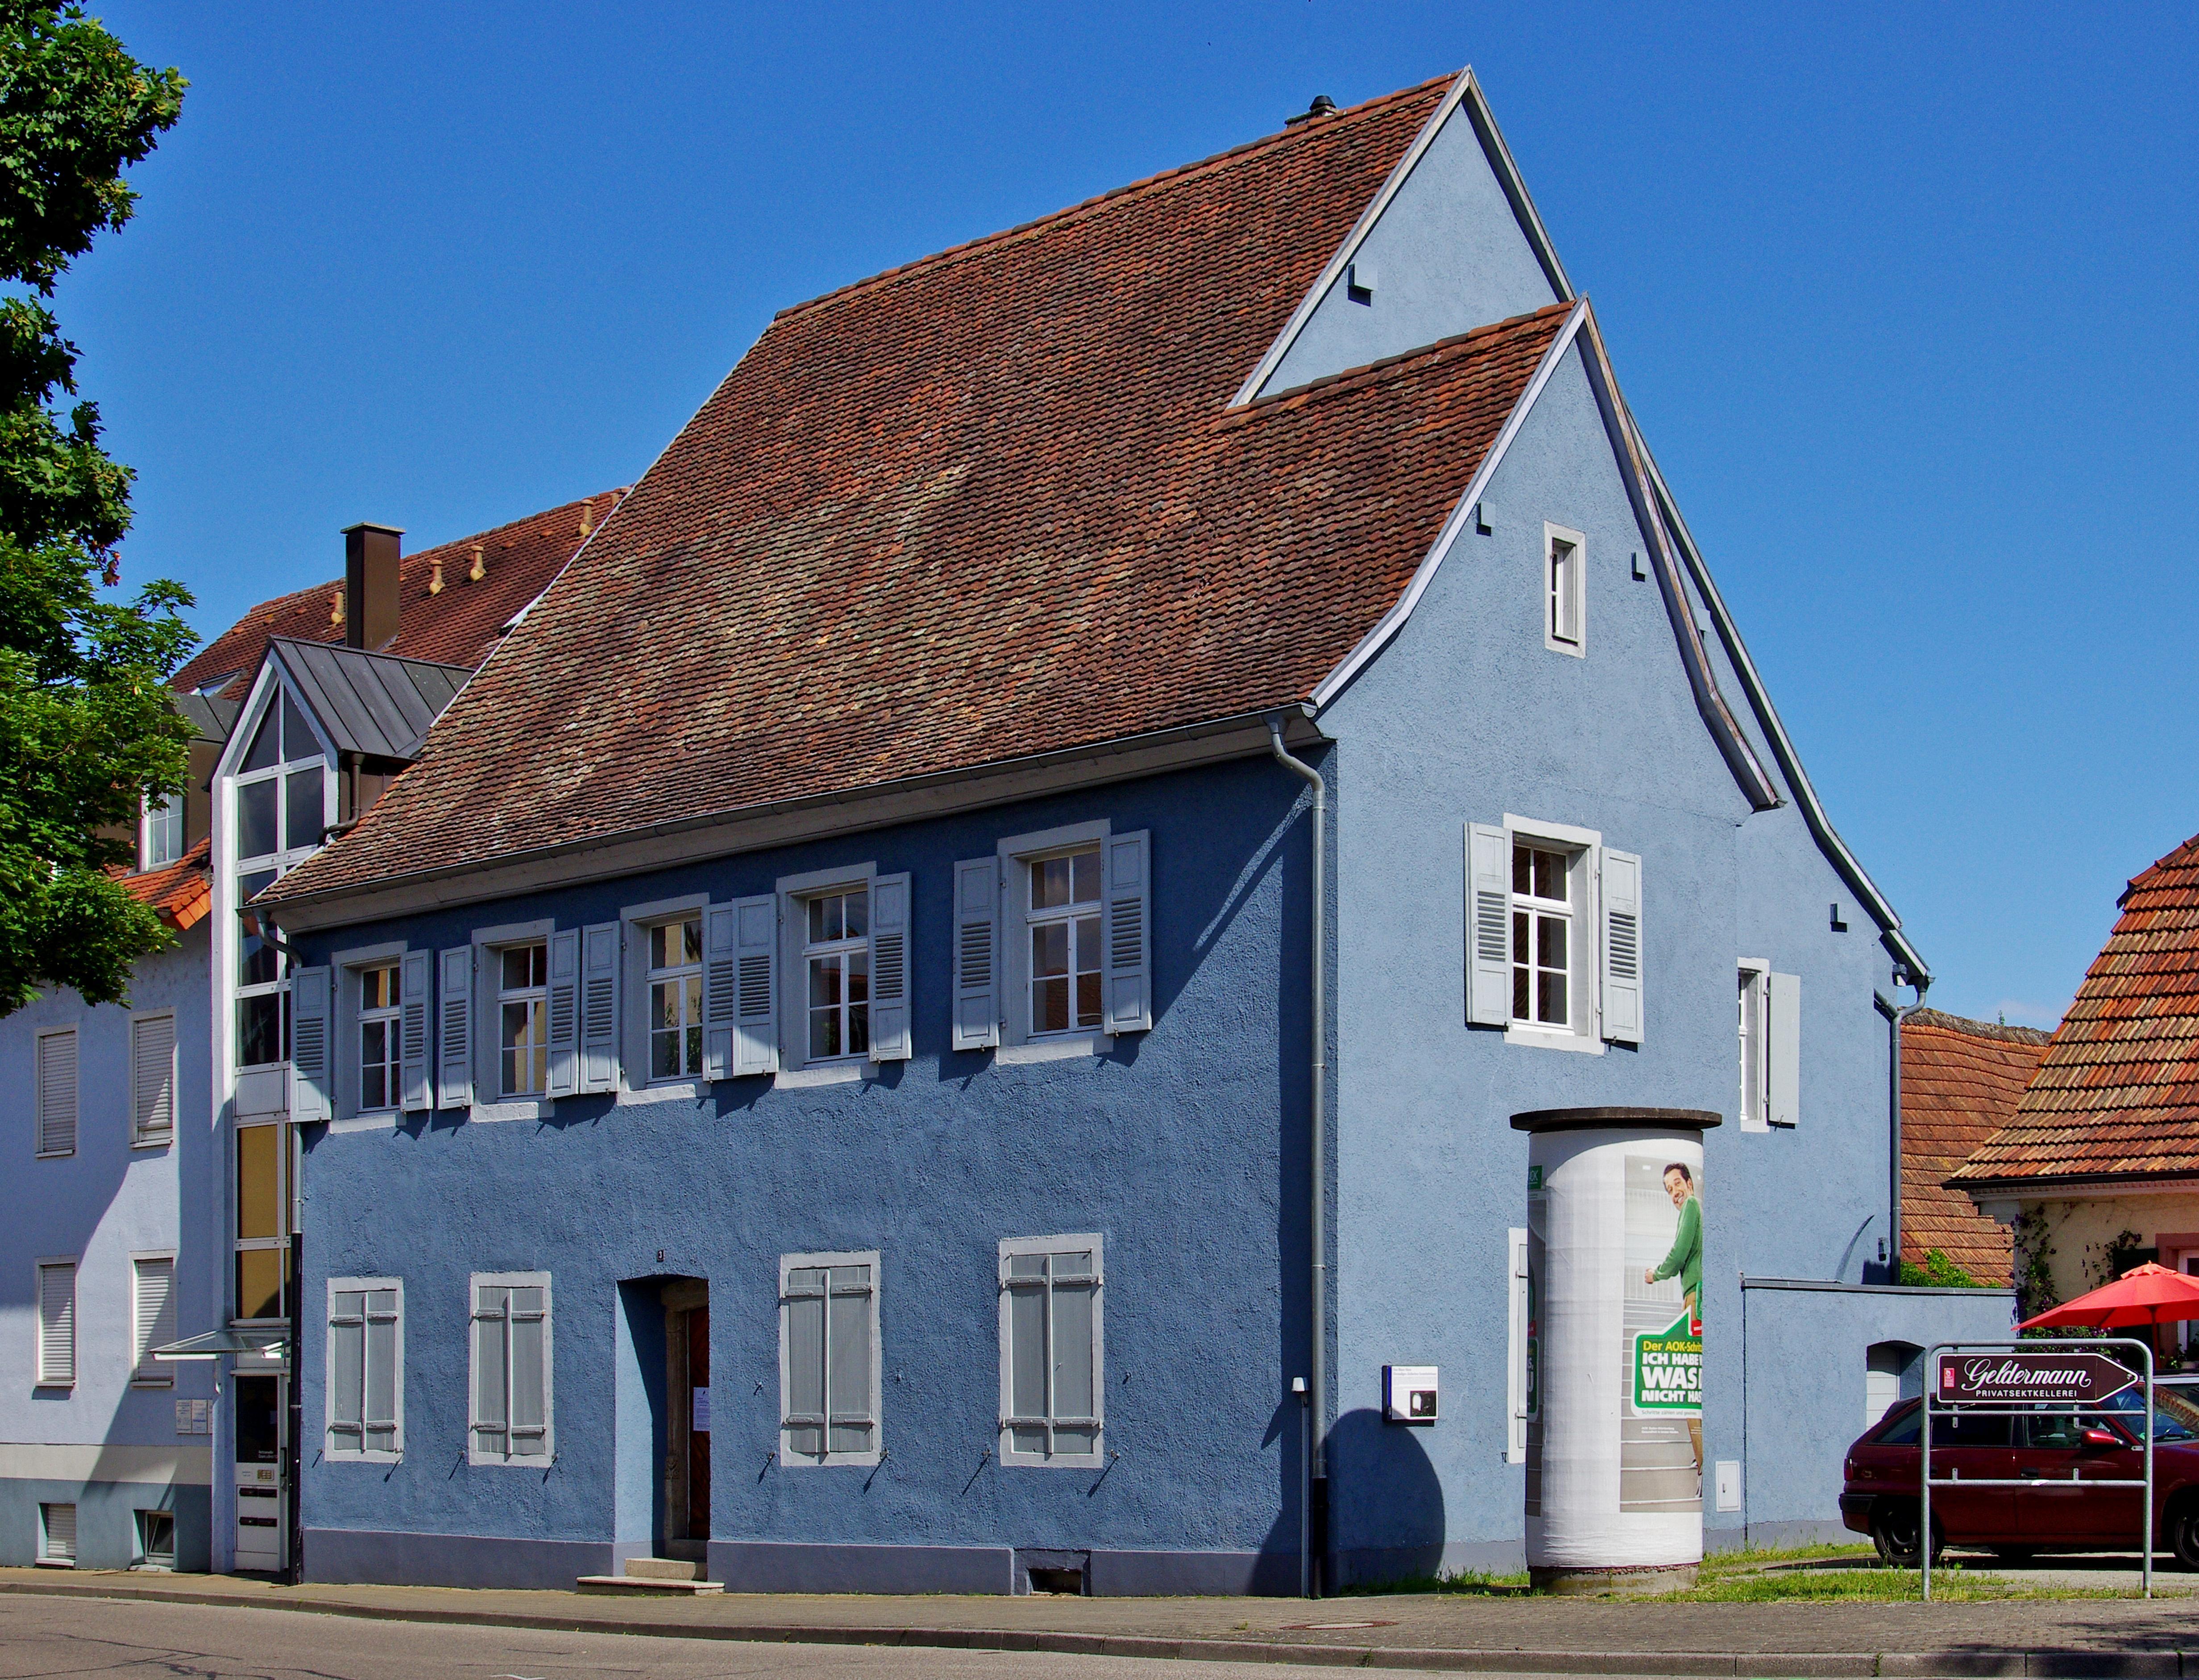 Datei:Das Blaue Haus (Breisach) 2220.jpg – Wikipedia